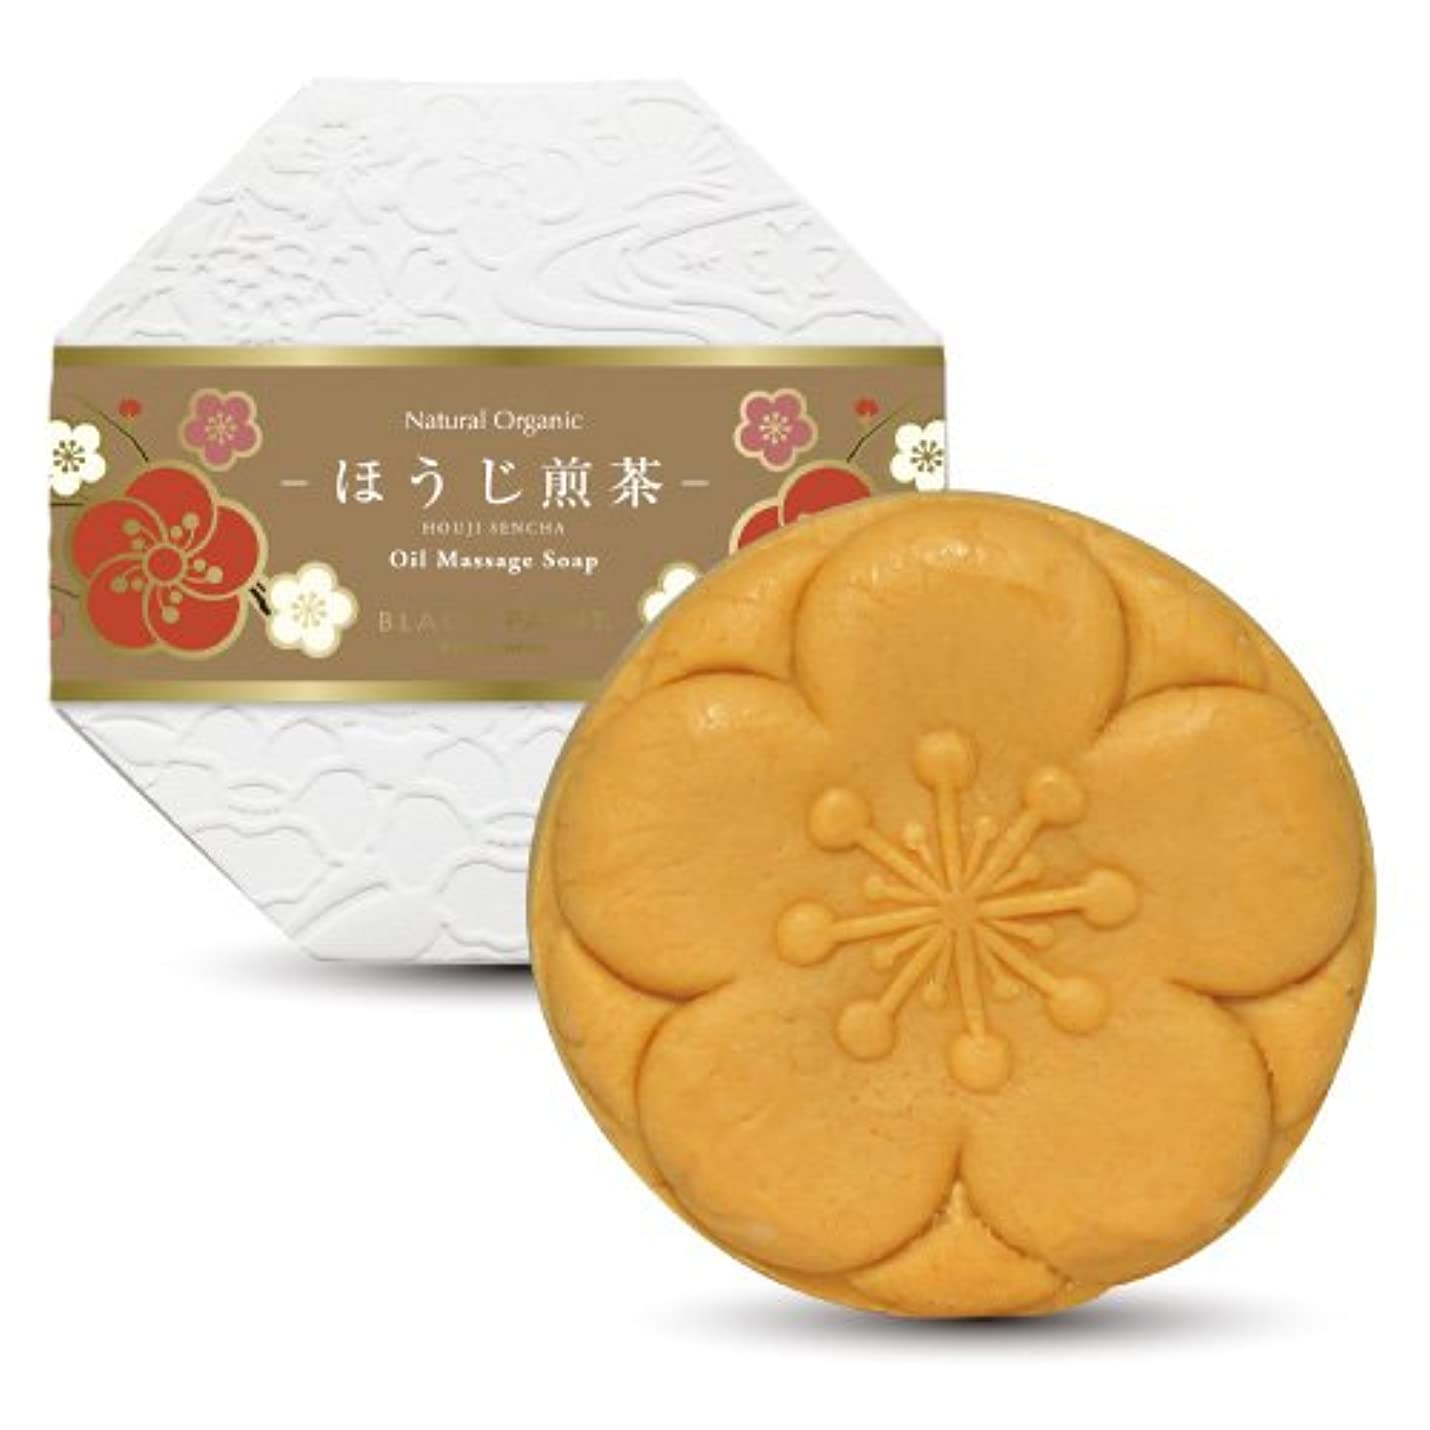 酸っぱいに対処する泥棒京のお茶石鹸 ほうじ煎茶 120g 塗る石鹸